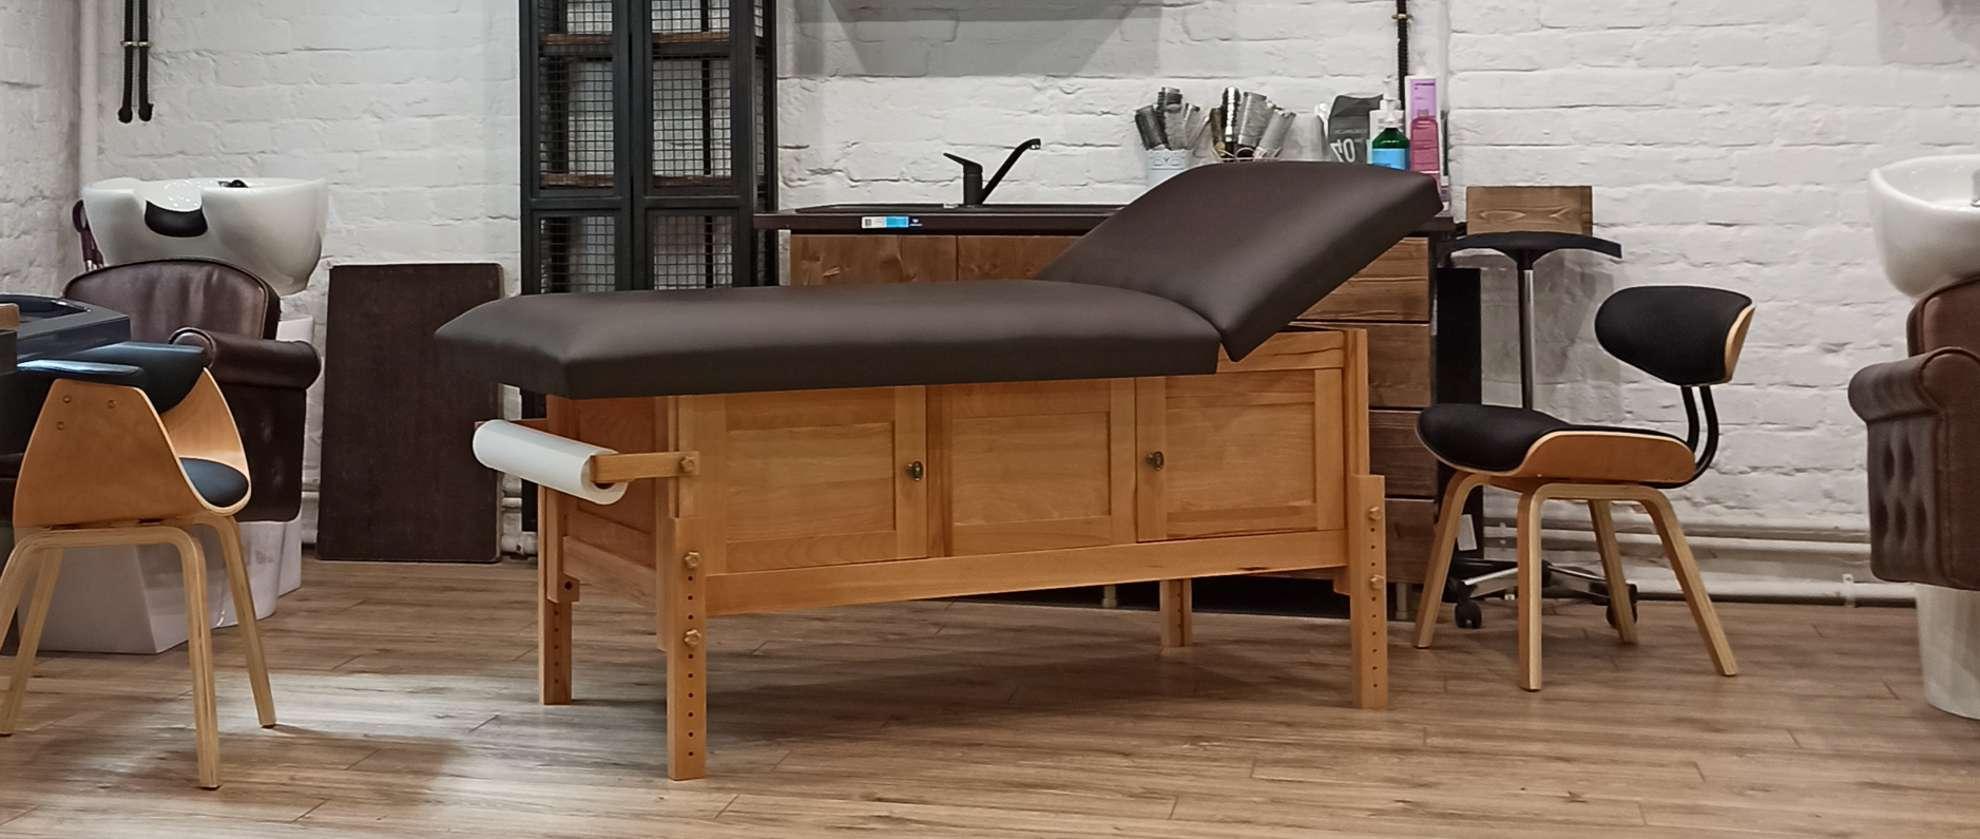 Masa de masaj staţionară, model Hermes, finisaj lemn natur, perna 2 secţiuni